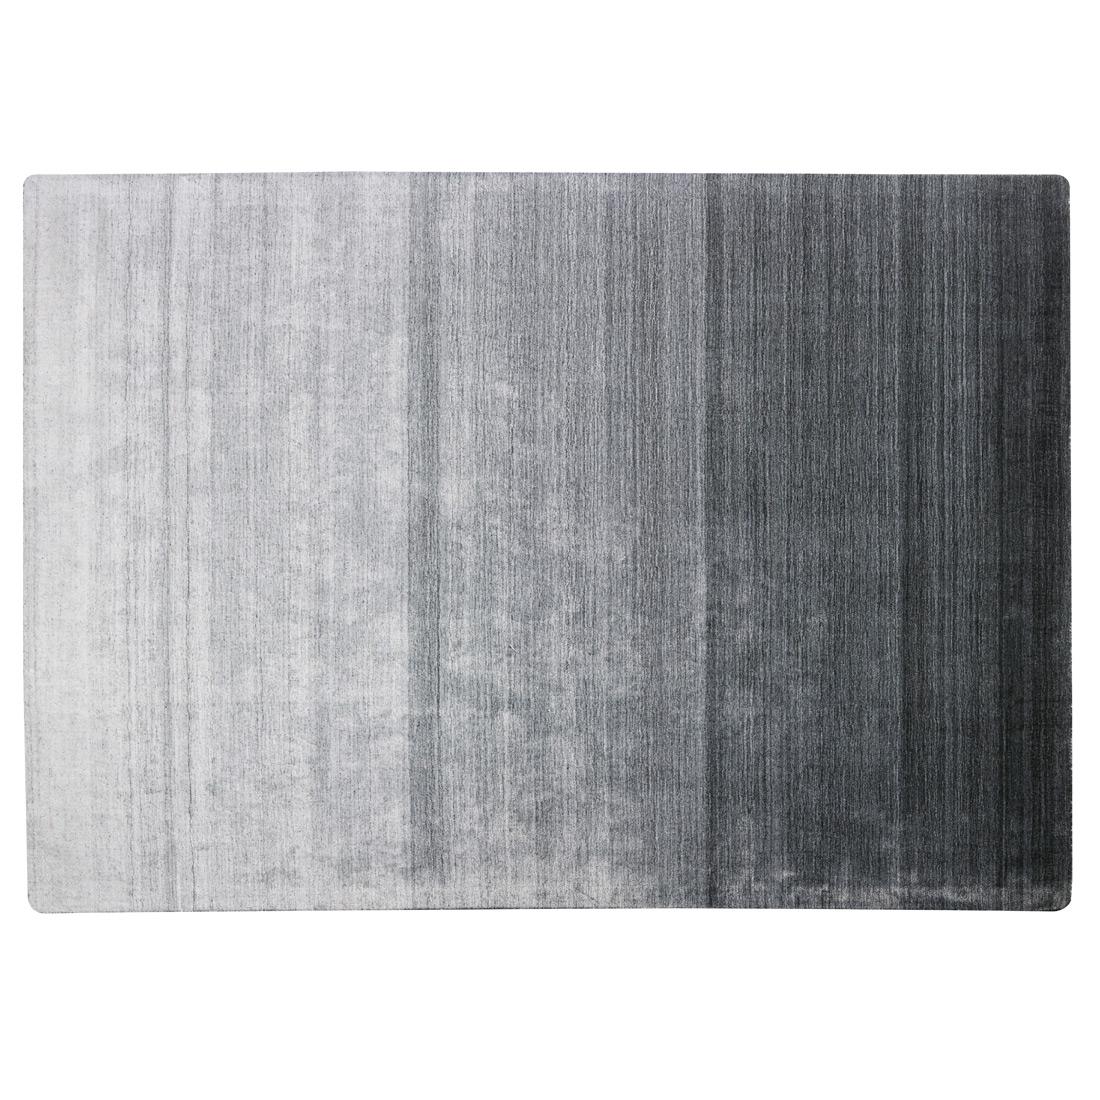 Vloerkleed Xilento Admire Grey | 240 x 340 cm